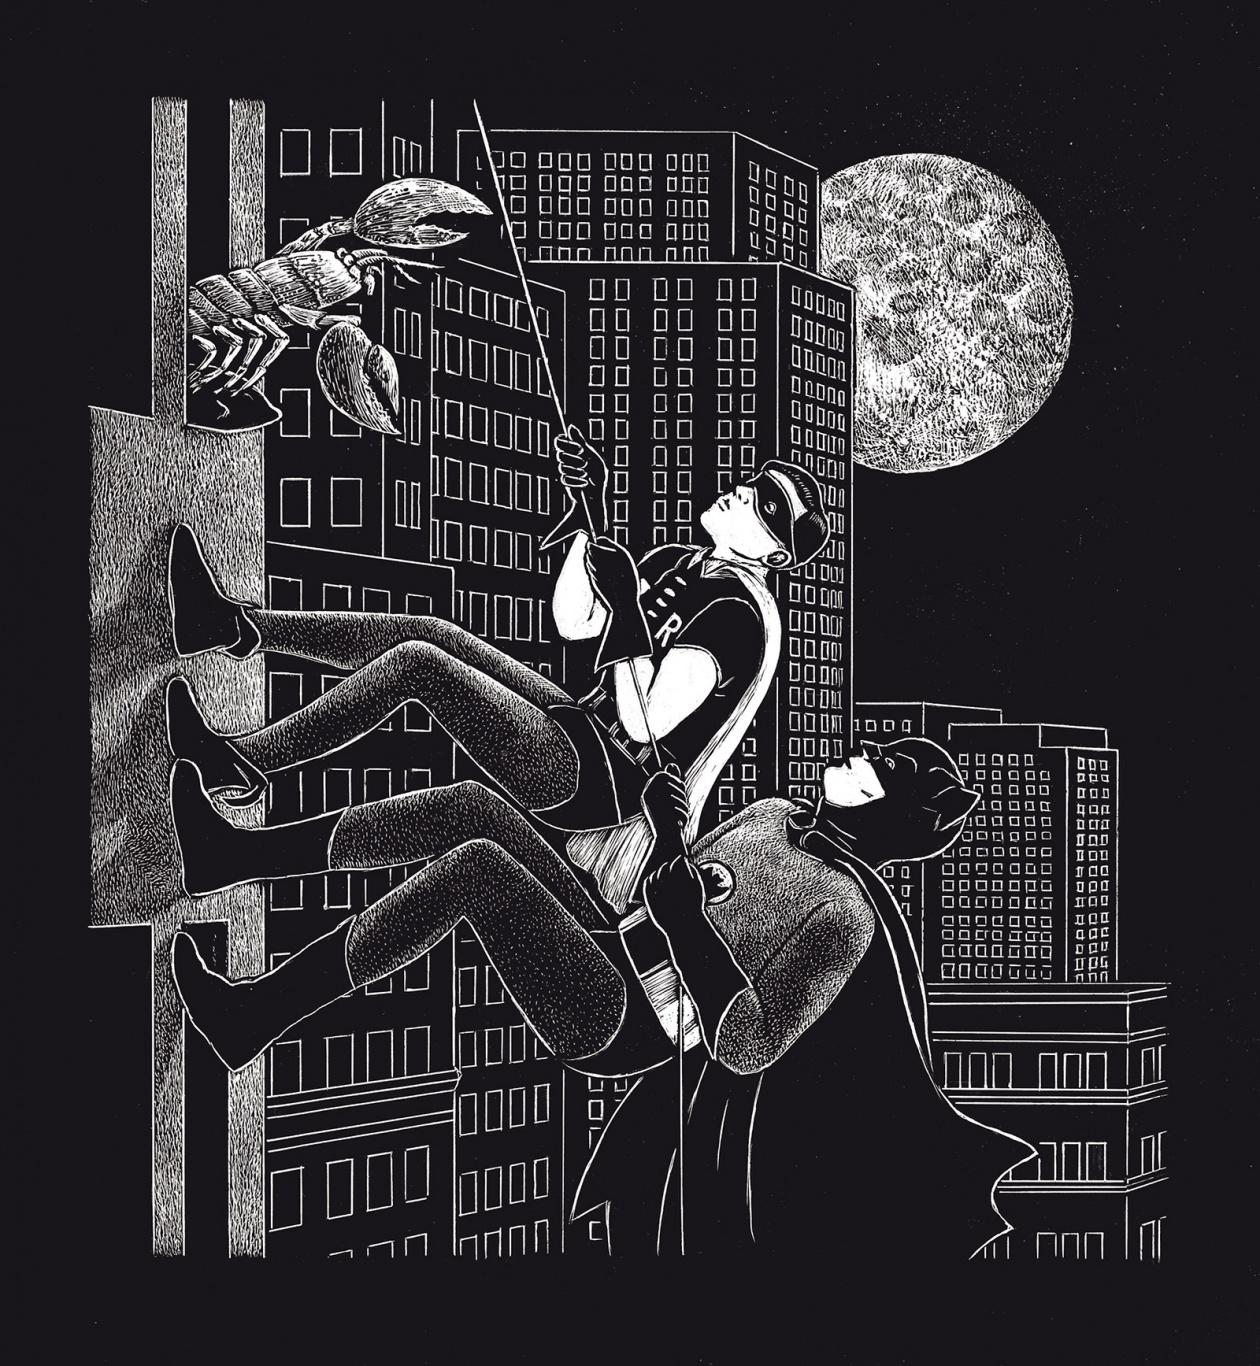 Paargespräche 'Batman&Robin'